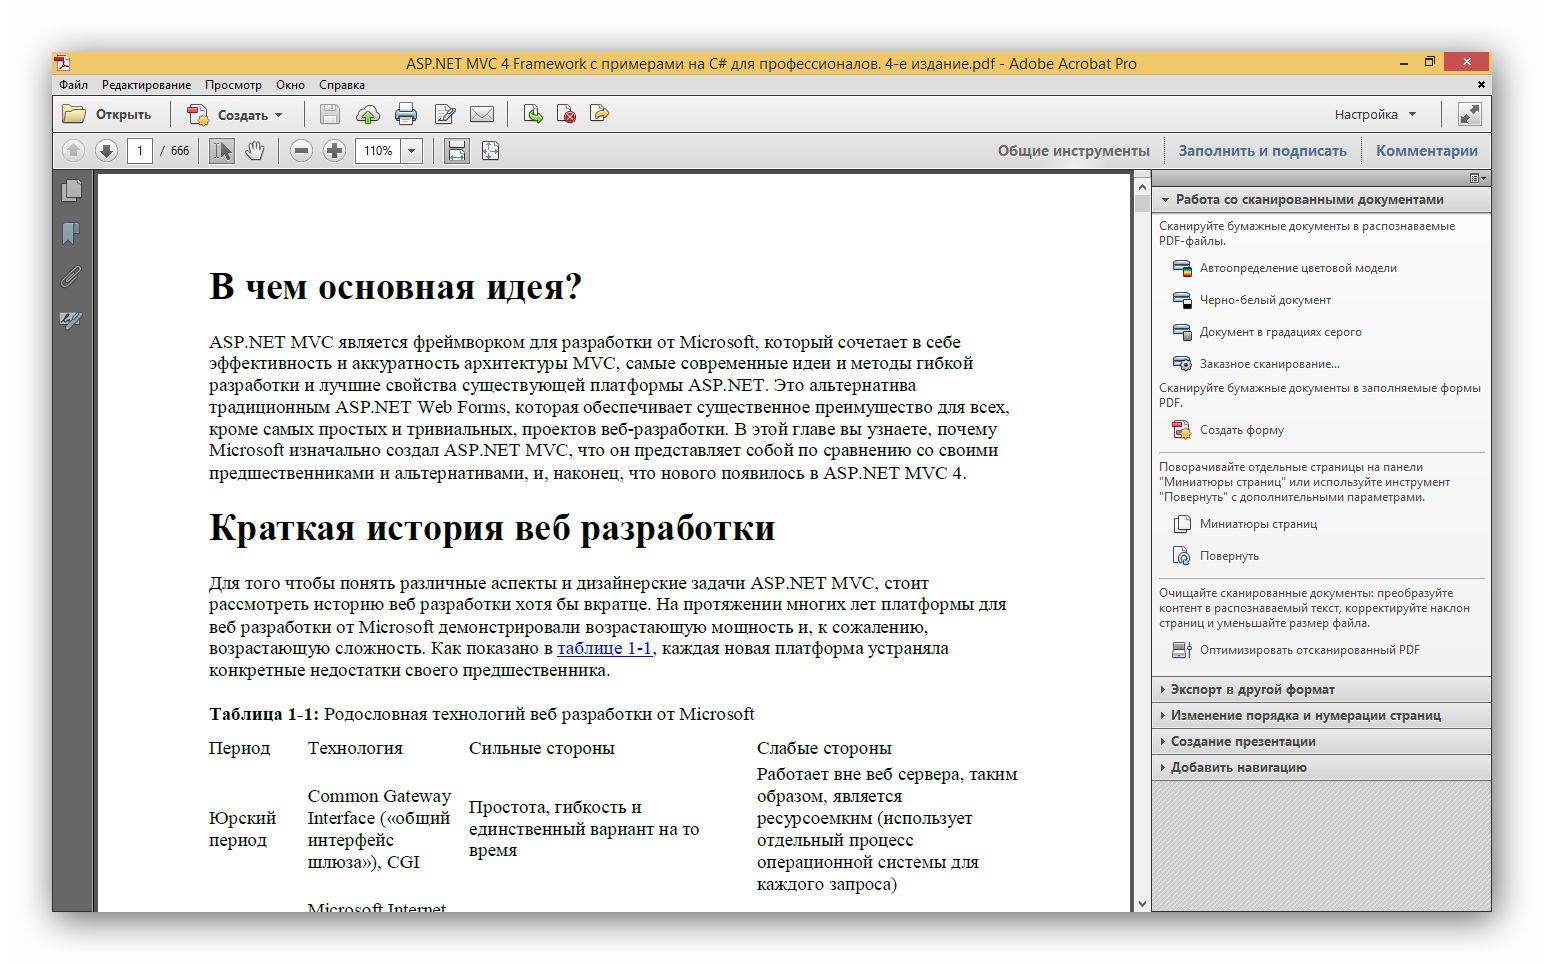 http://fs1.directupload.net/images/150124/y9e8rjgu.jpg